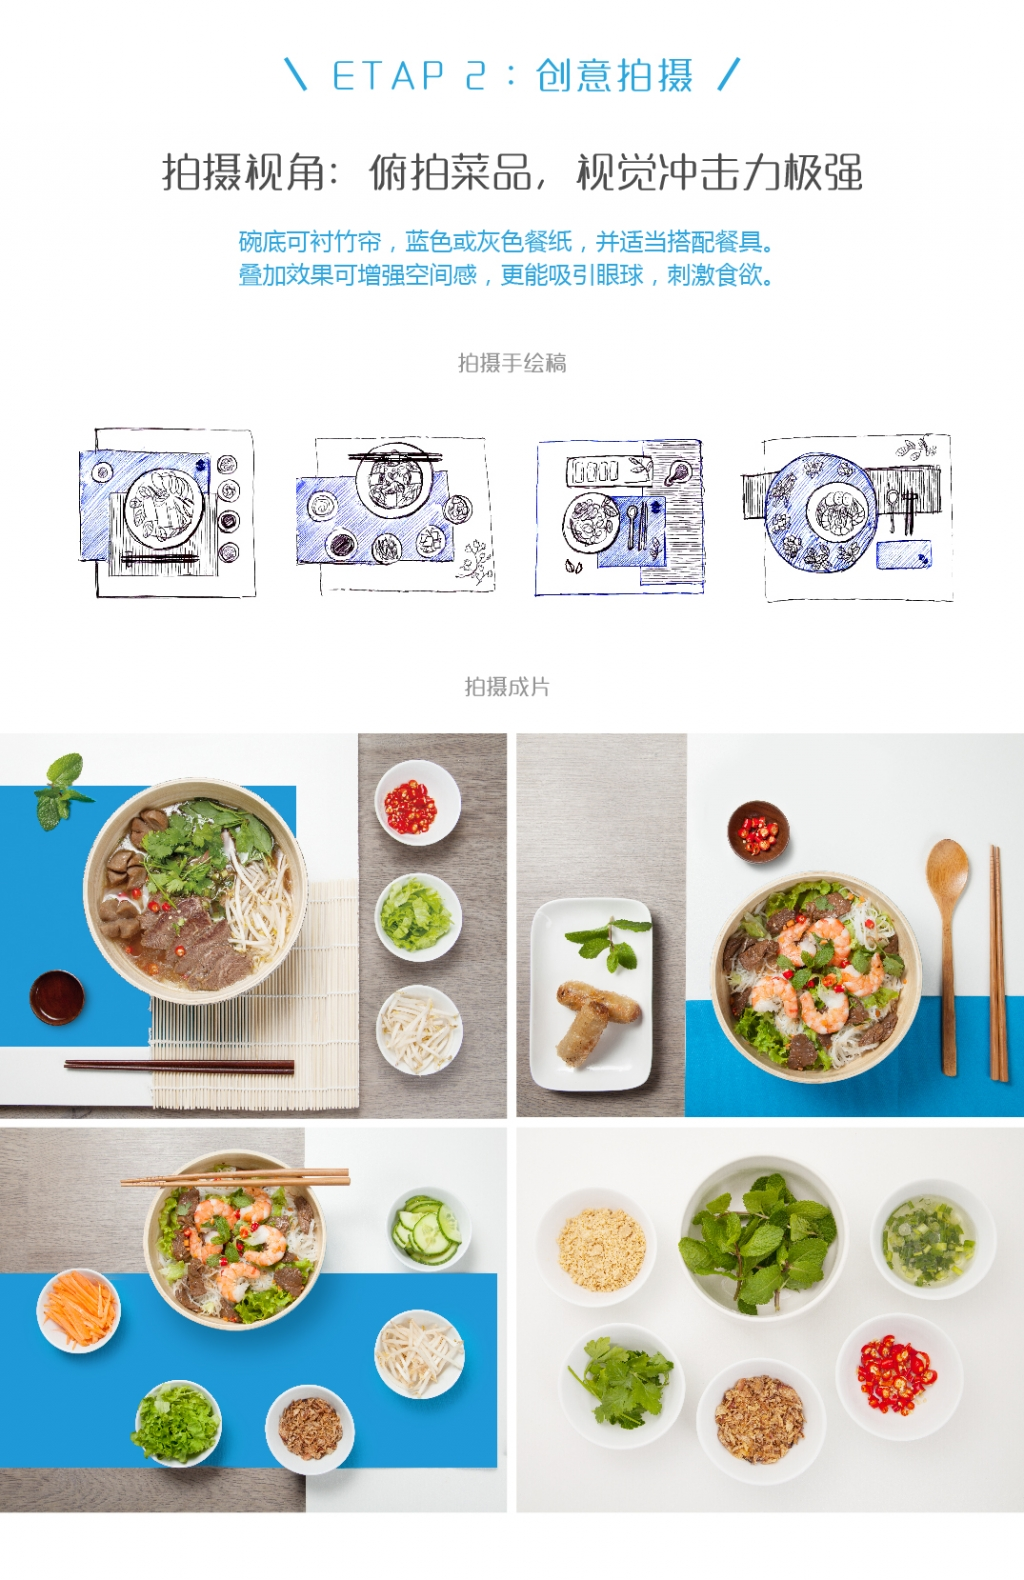 华人街-广告-bobun shop-2016-11-14-02.jpg